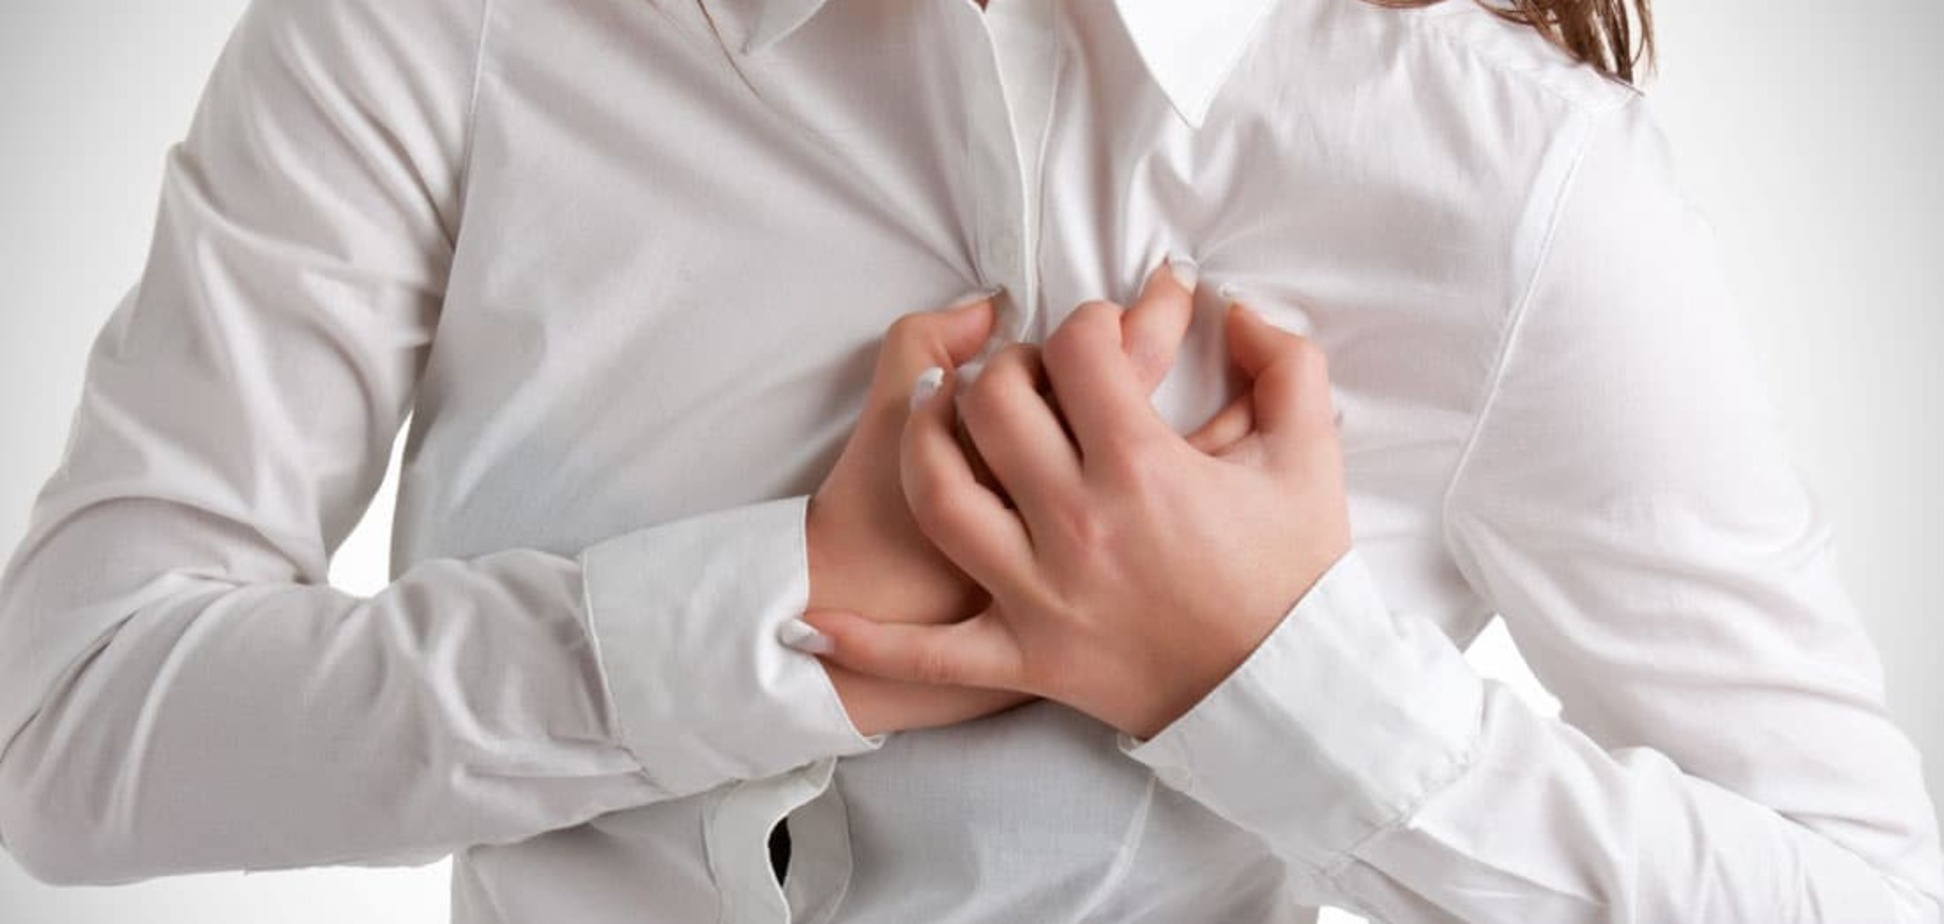 Безбольовий інфаркт: лікарі описали симптоми прихованої хвороби